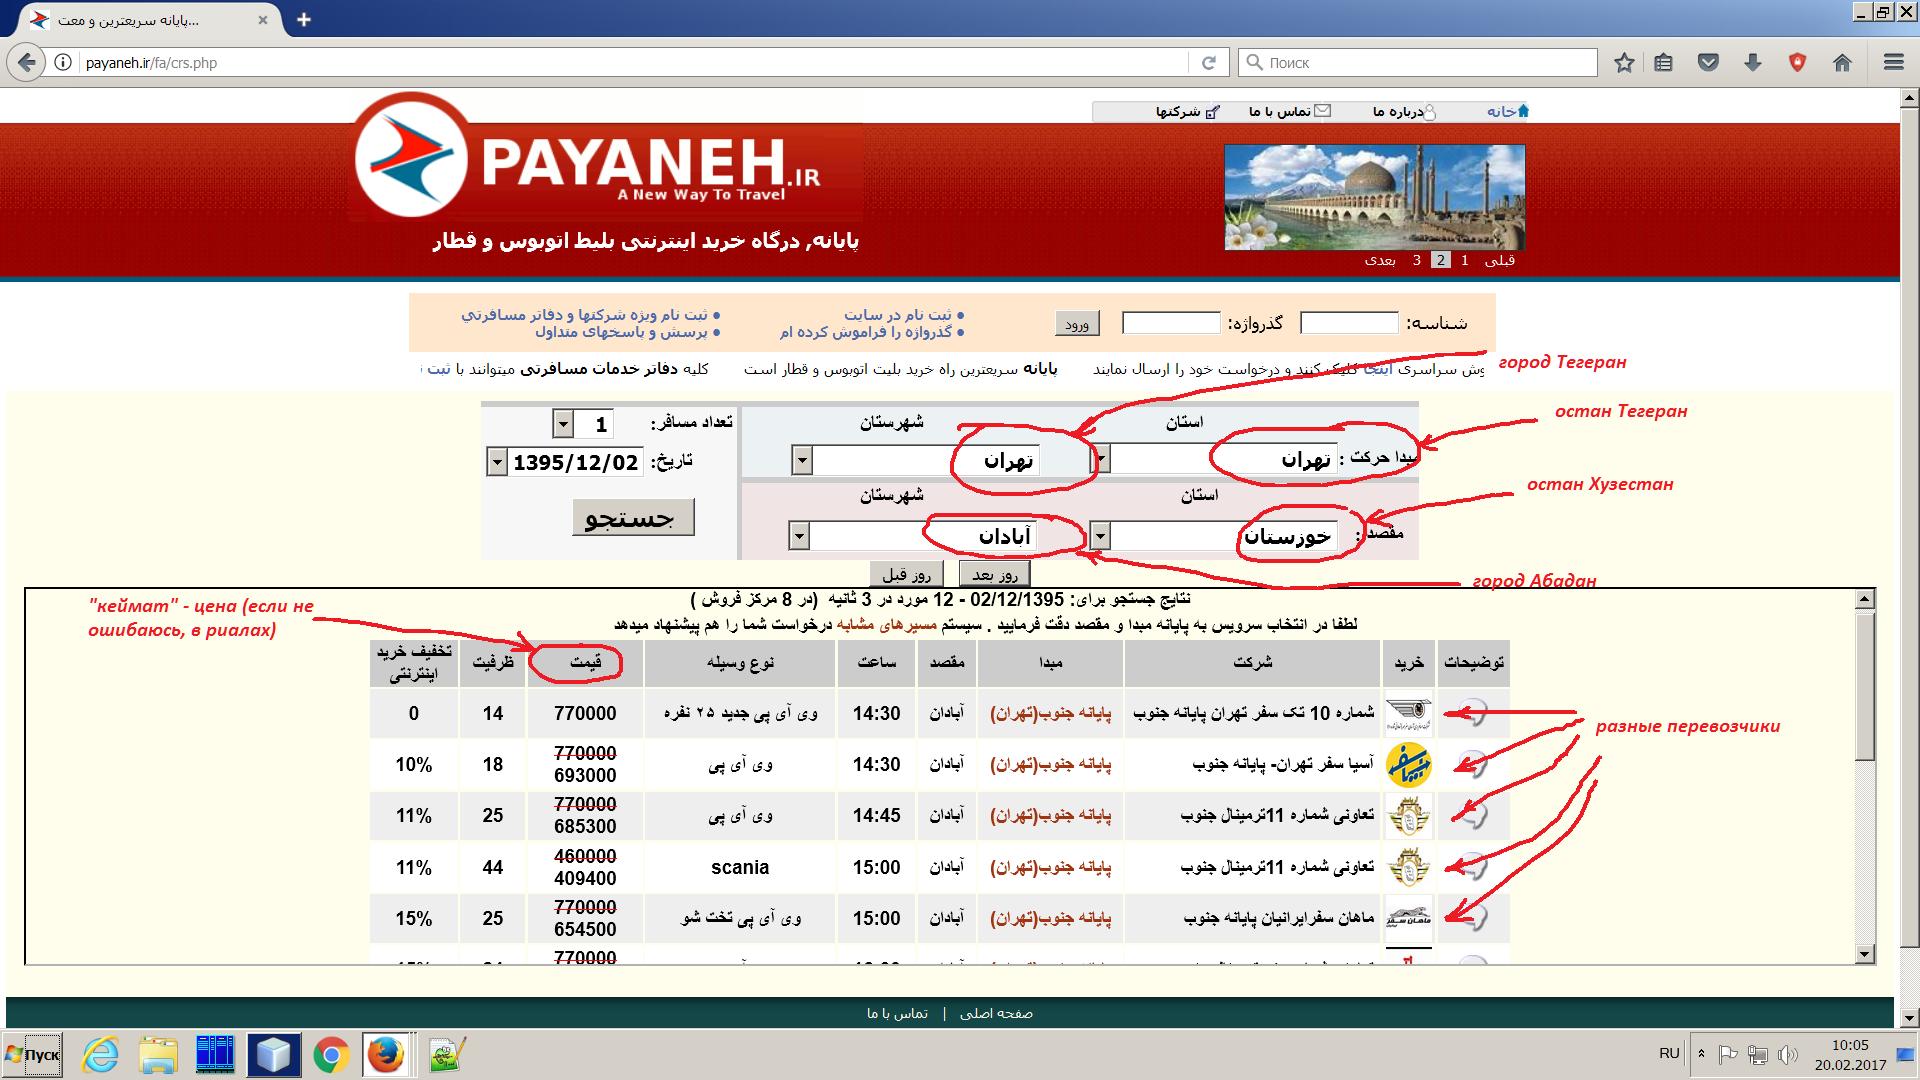 Расписание автобусов в Иране